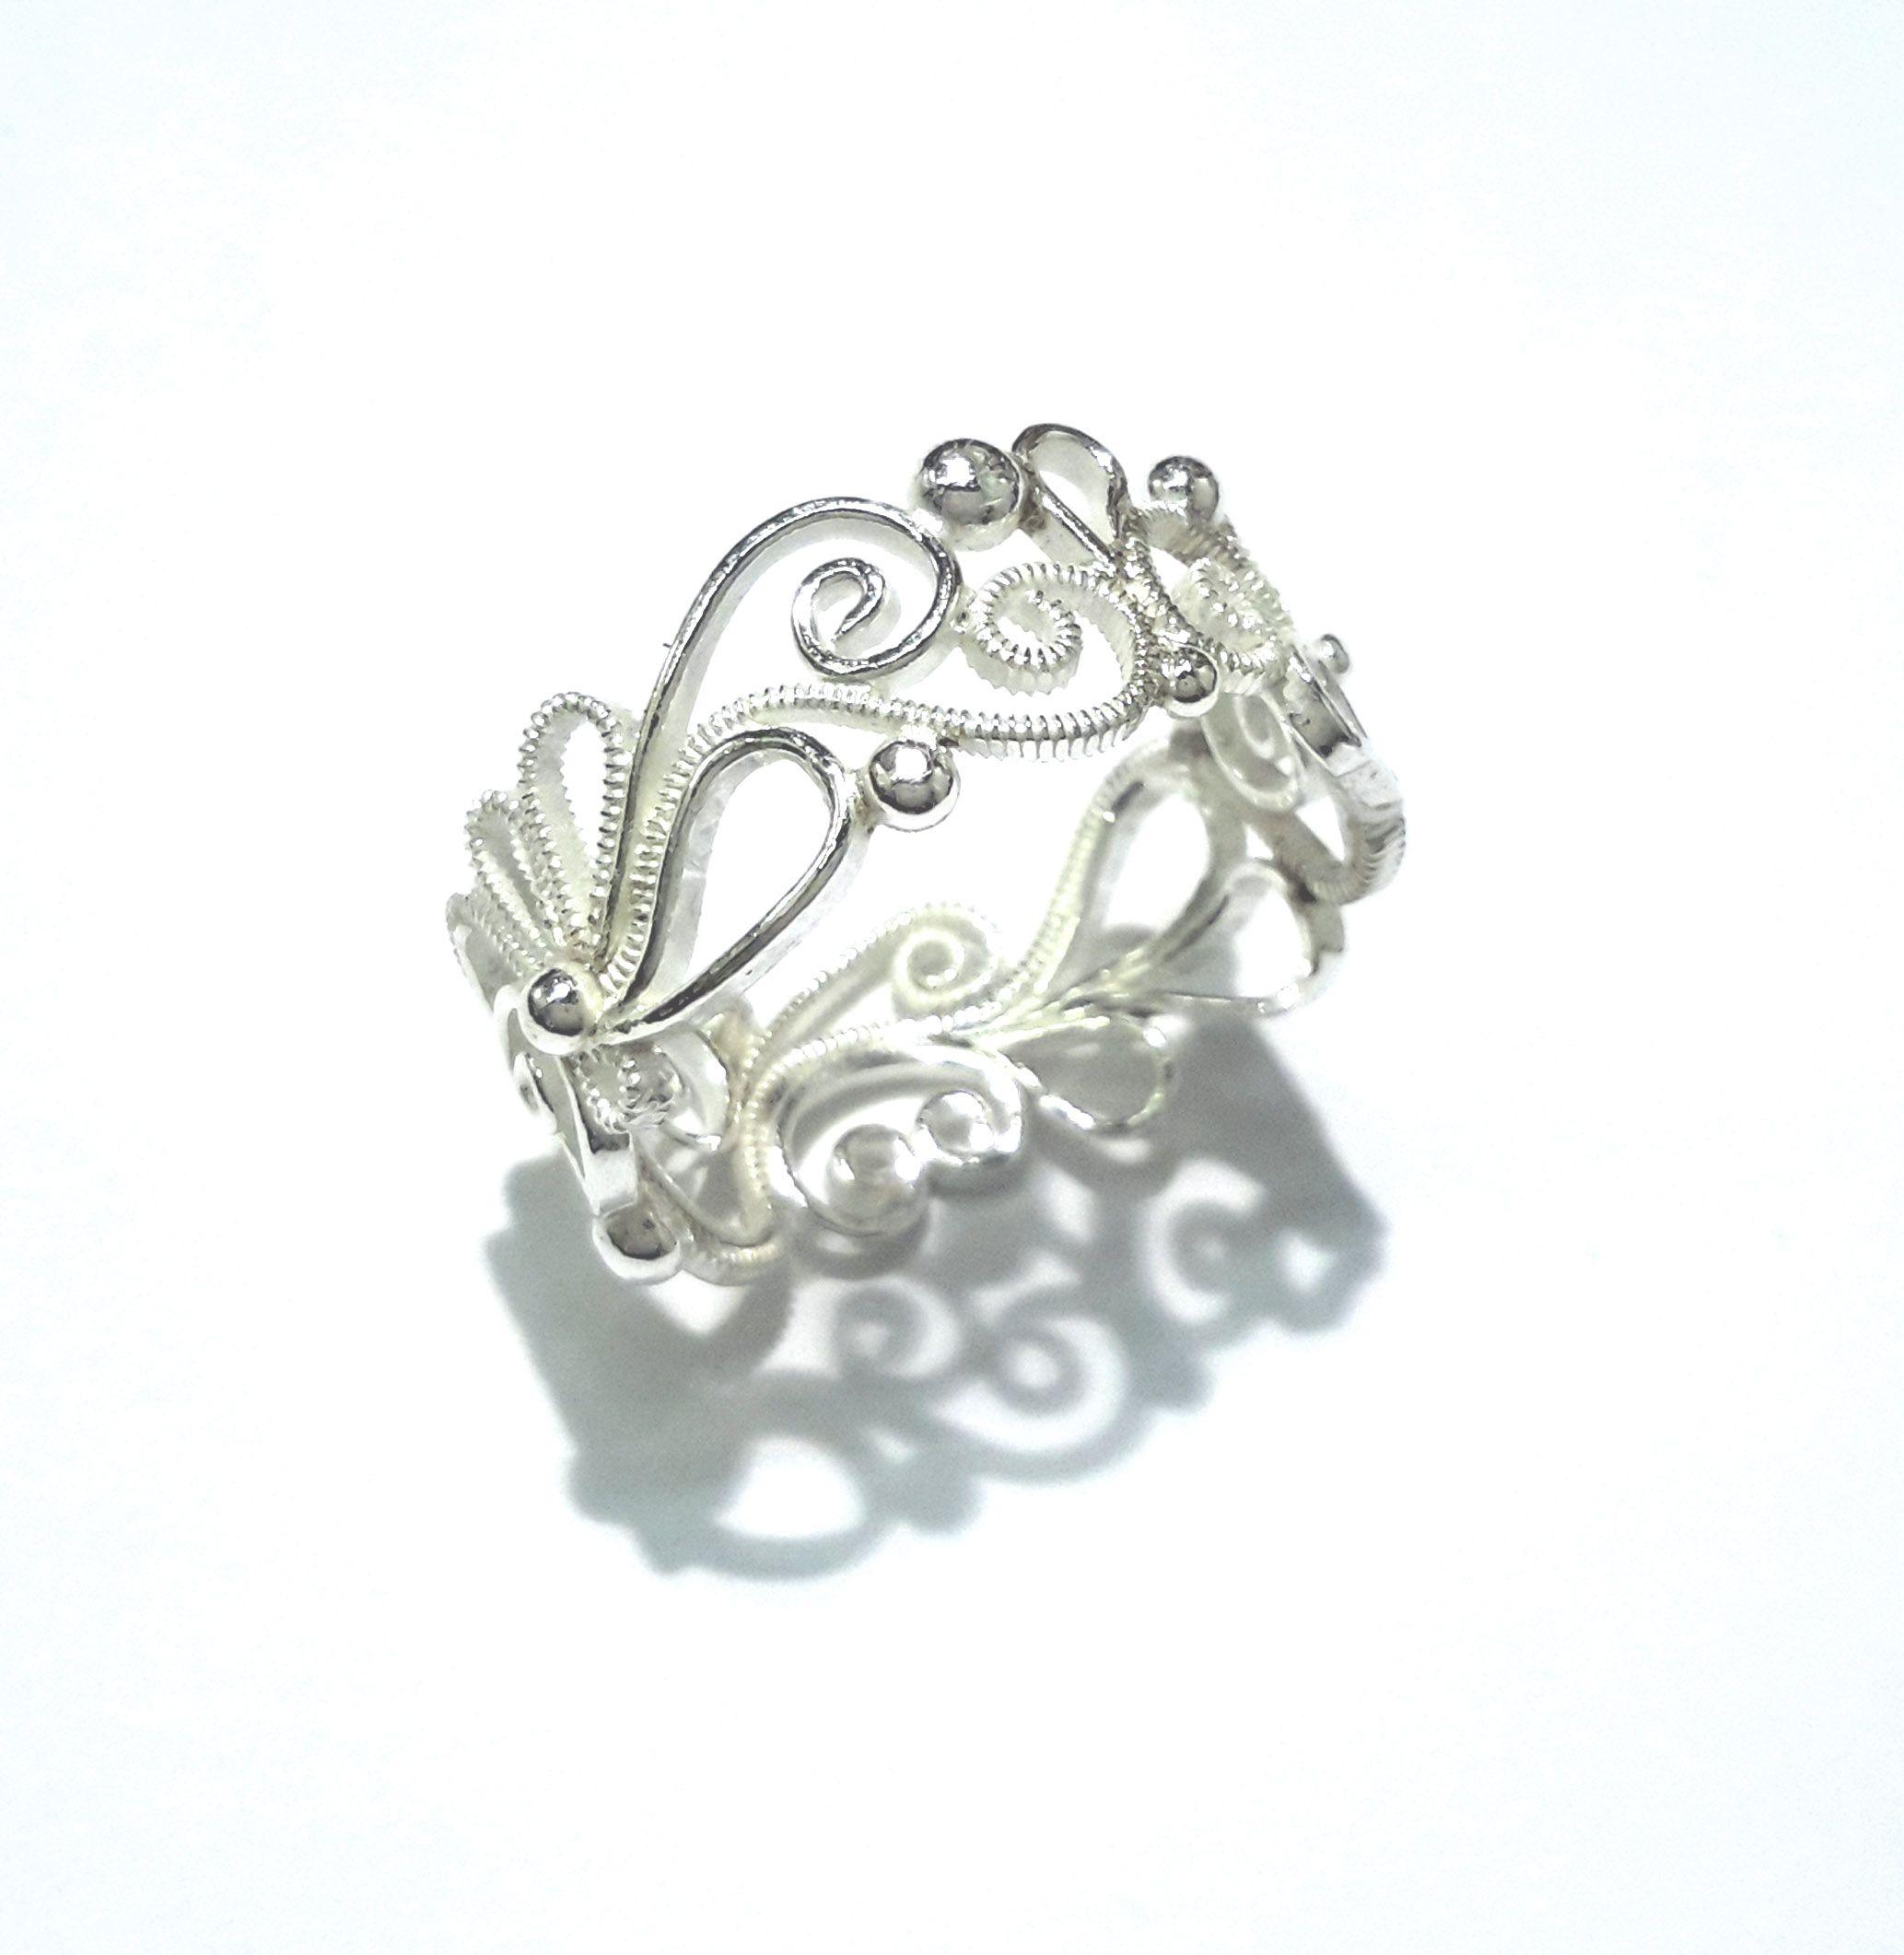 Pin lisääjältä HaatFI taulussa Vihkisormus ja korut   Wedding Ring ... 7a4f5c52b3